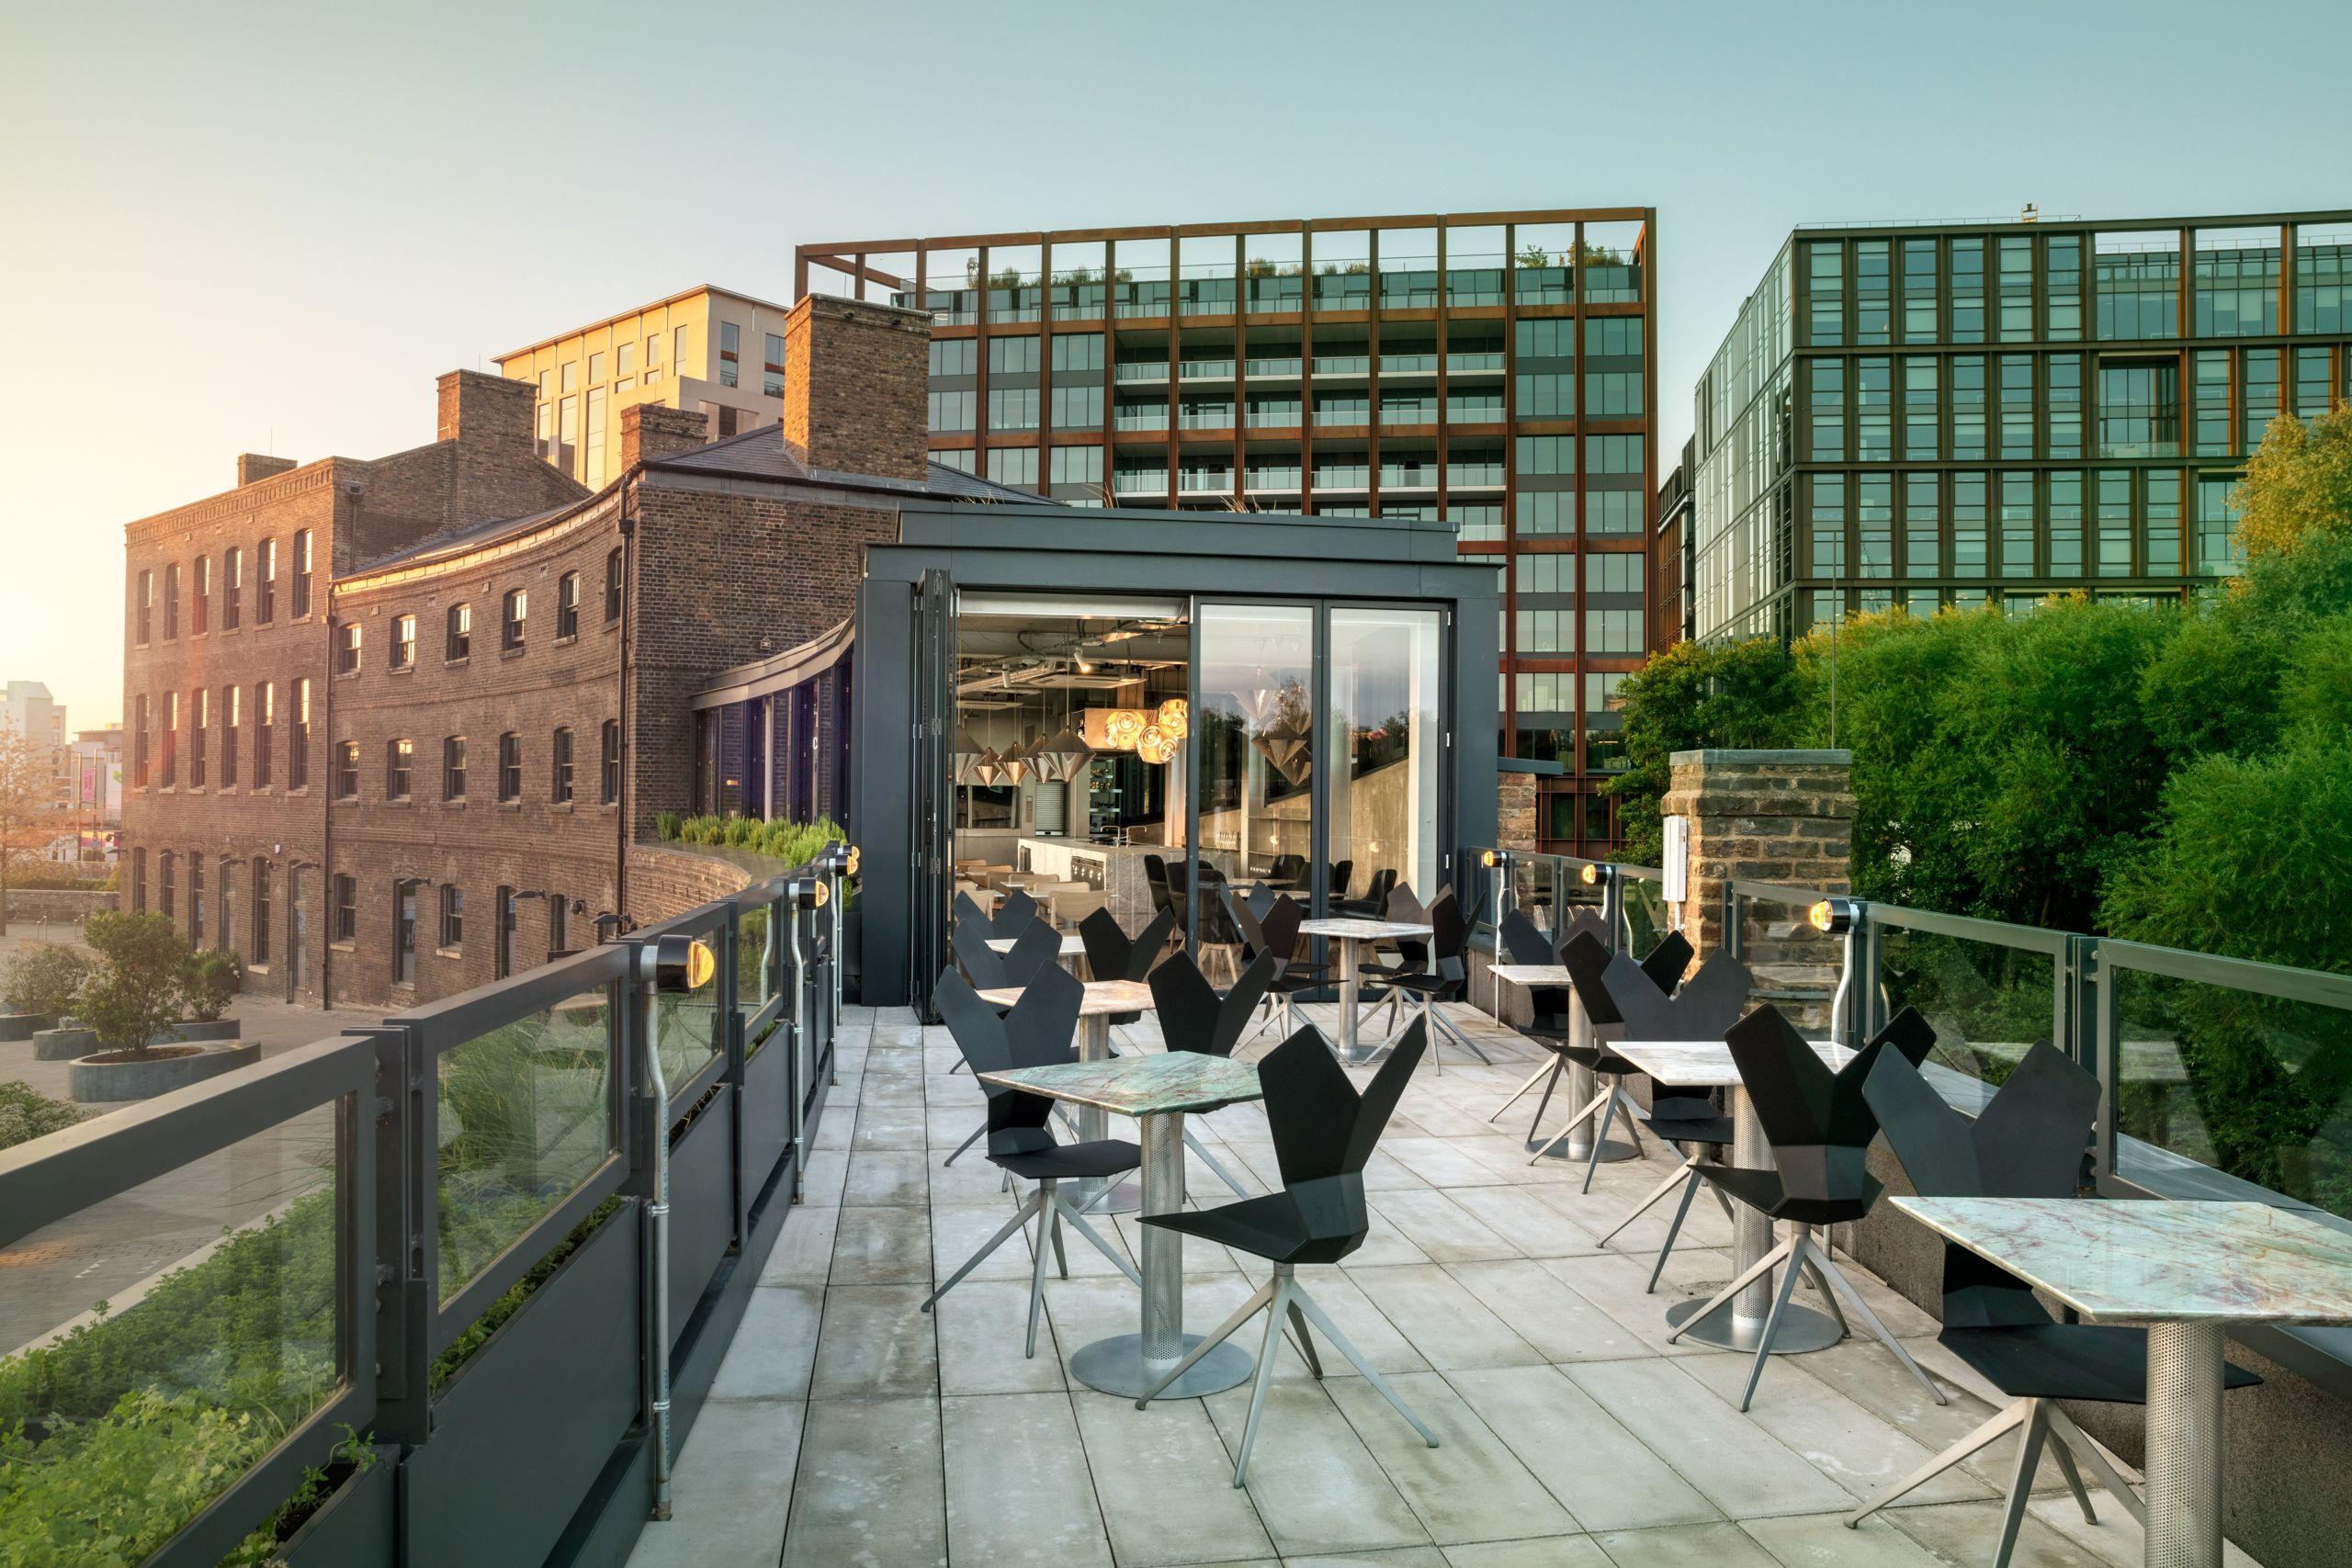 La cucina a vista di Tom Dixon, dal ristorante al laboratorio di design, è il nuovo indirizzo della Londra creativa